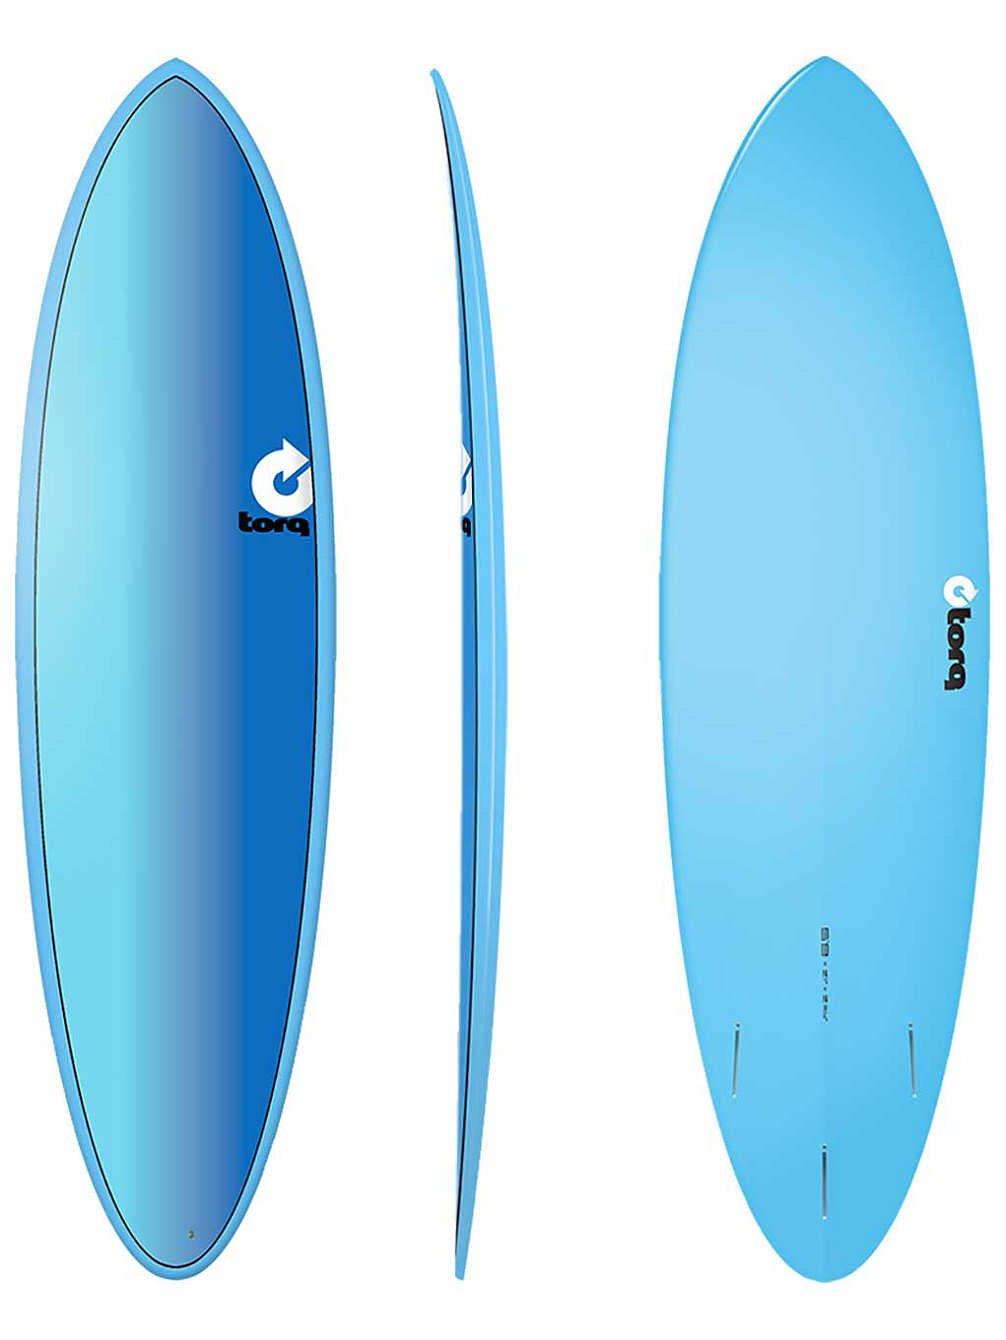 TORQ Tabla de Surf epoxy Tet 6.8 Fun Board Full Fade: Amazon.es: Deportes y aire libre